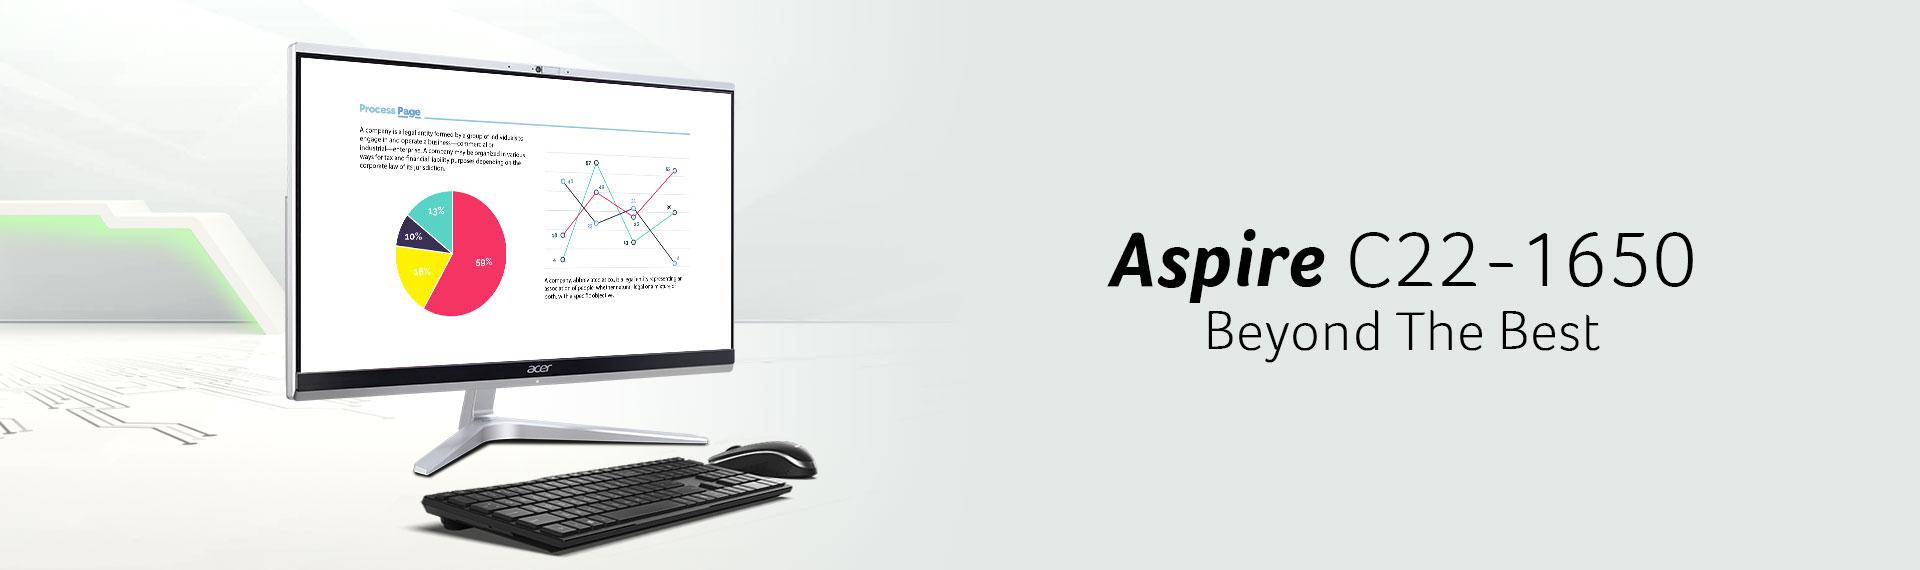 Desktop AIO Aspire C22-1650, Perangkat Minimalis Penunjang Beragam Komputasi